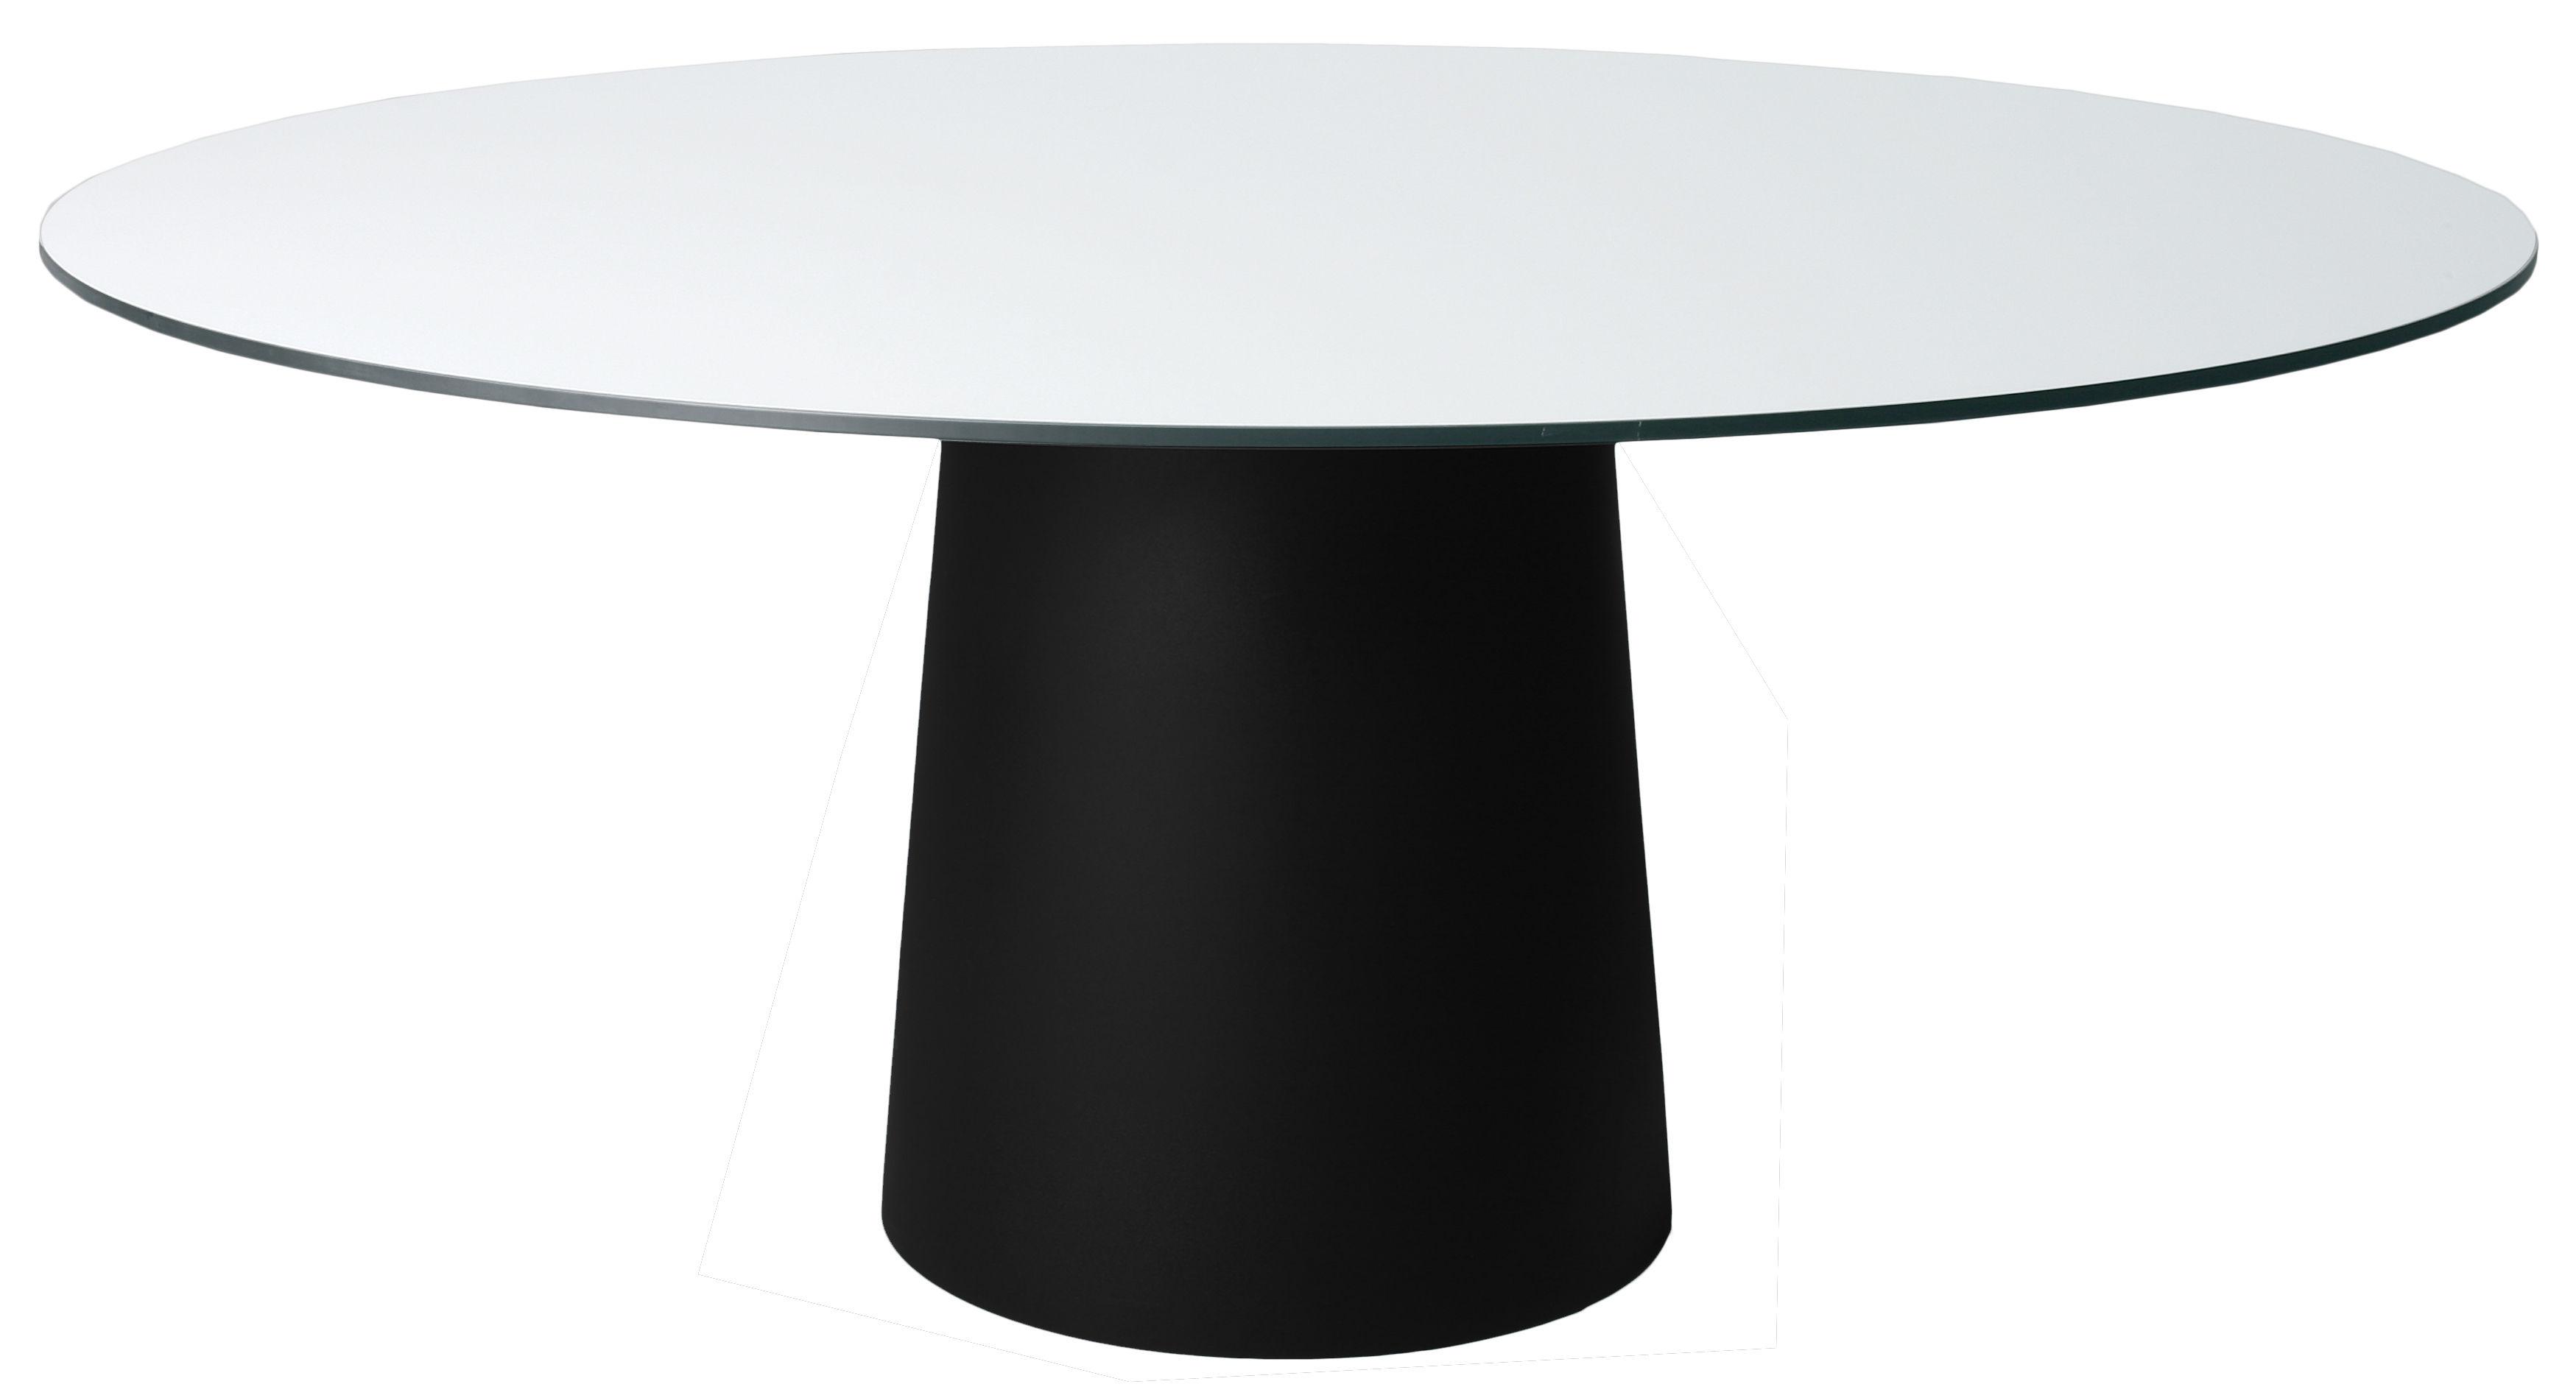 pied de table container h 70 cm pour plateau 160 cm. Black Bedroom Furniture Sets. Home Design Ideas